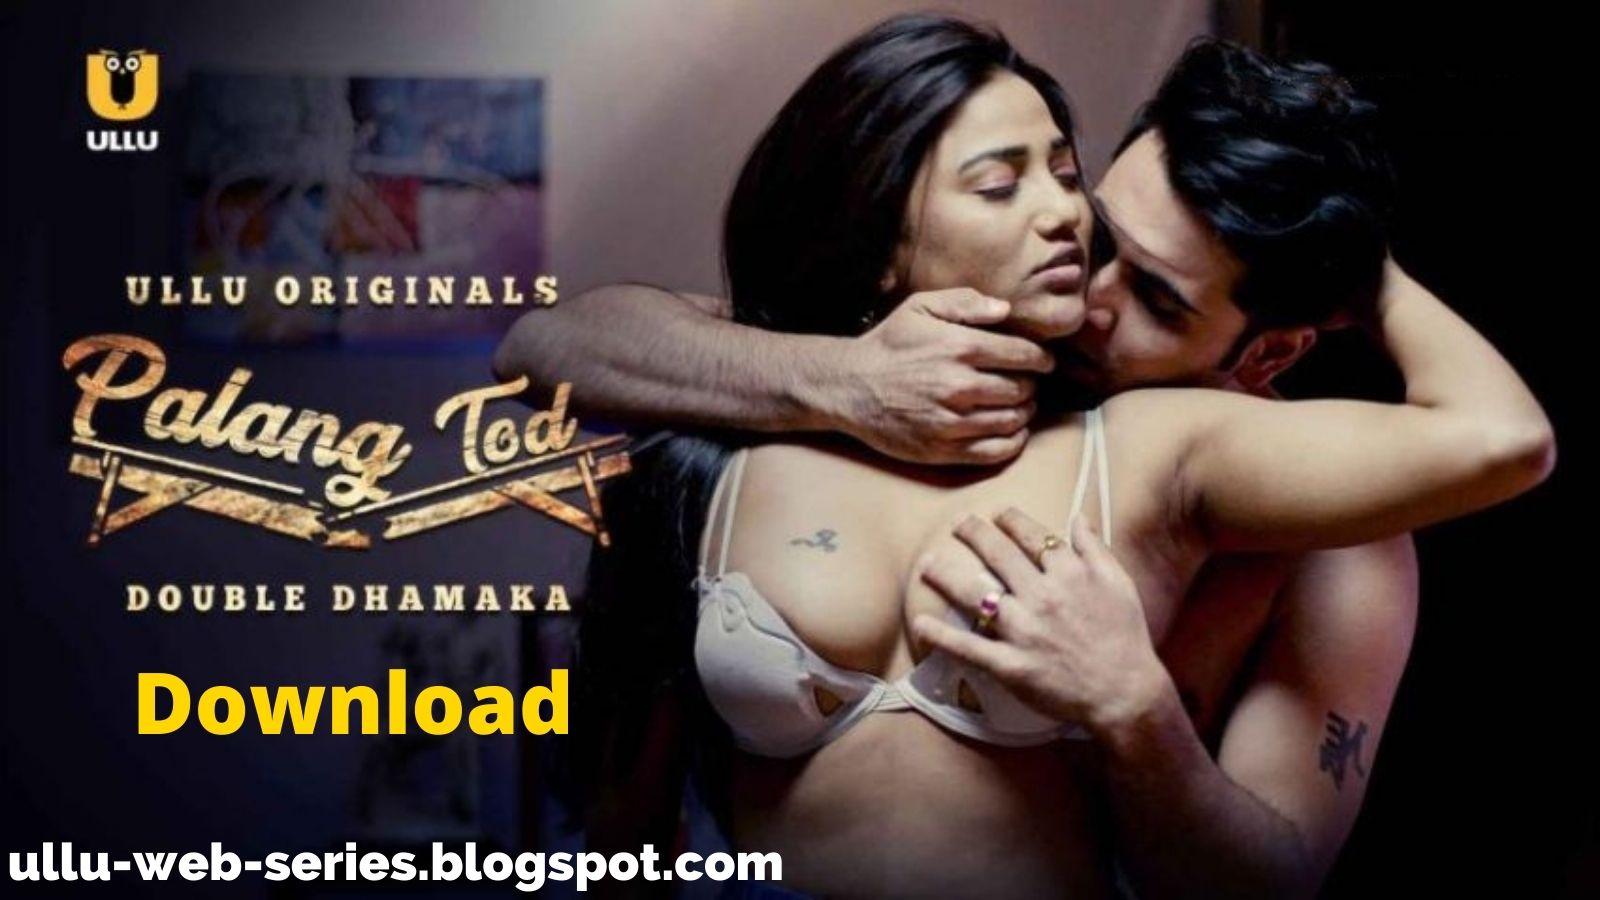 Palang Tod Double Dhamaka Download Filmyzilla   Palang Tod Double Dhamaka Download Torrent